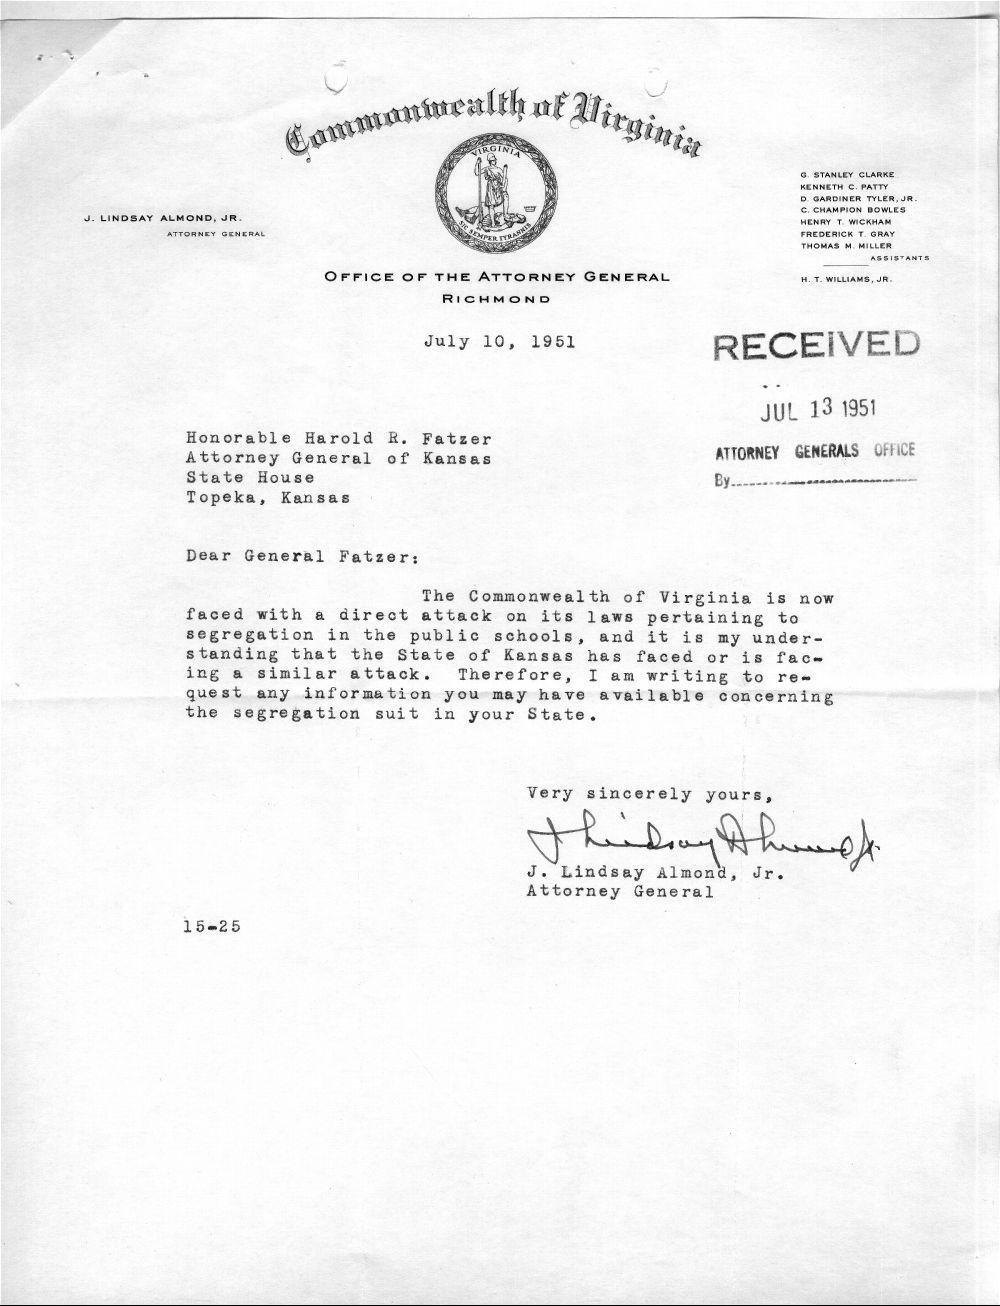 Harold R. Fatzer to J. Lindsay Almond Jr. - 4